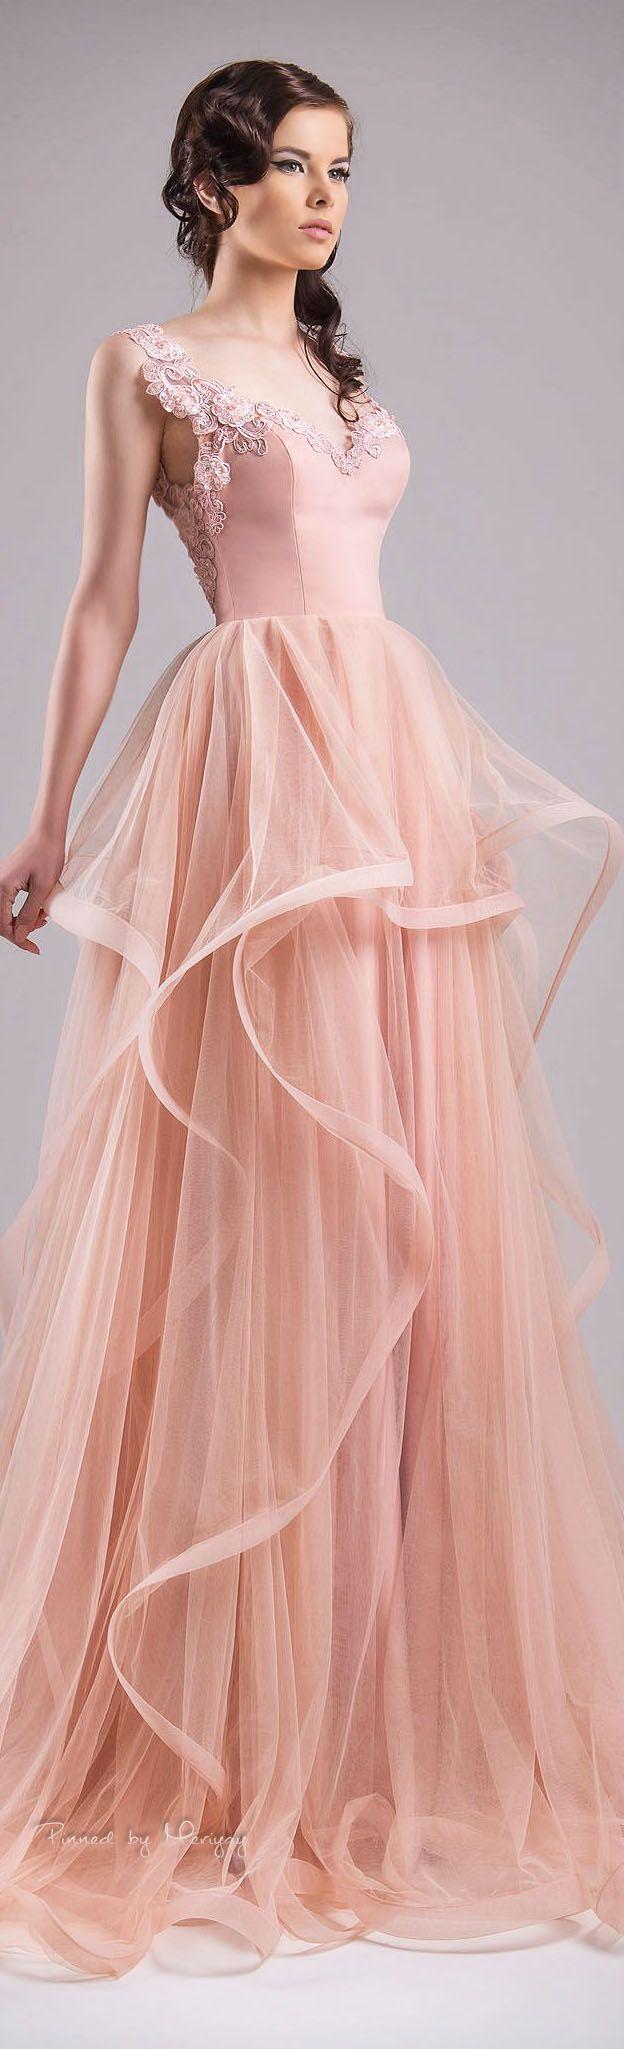 De gala mamón | Trajes Elegantes | Pinterest | Vestiditos, Vestidos ...